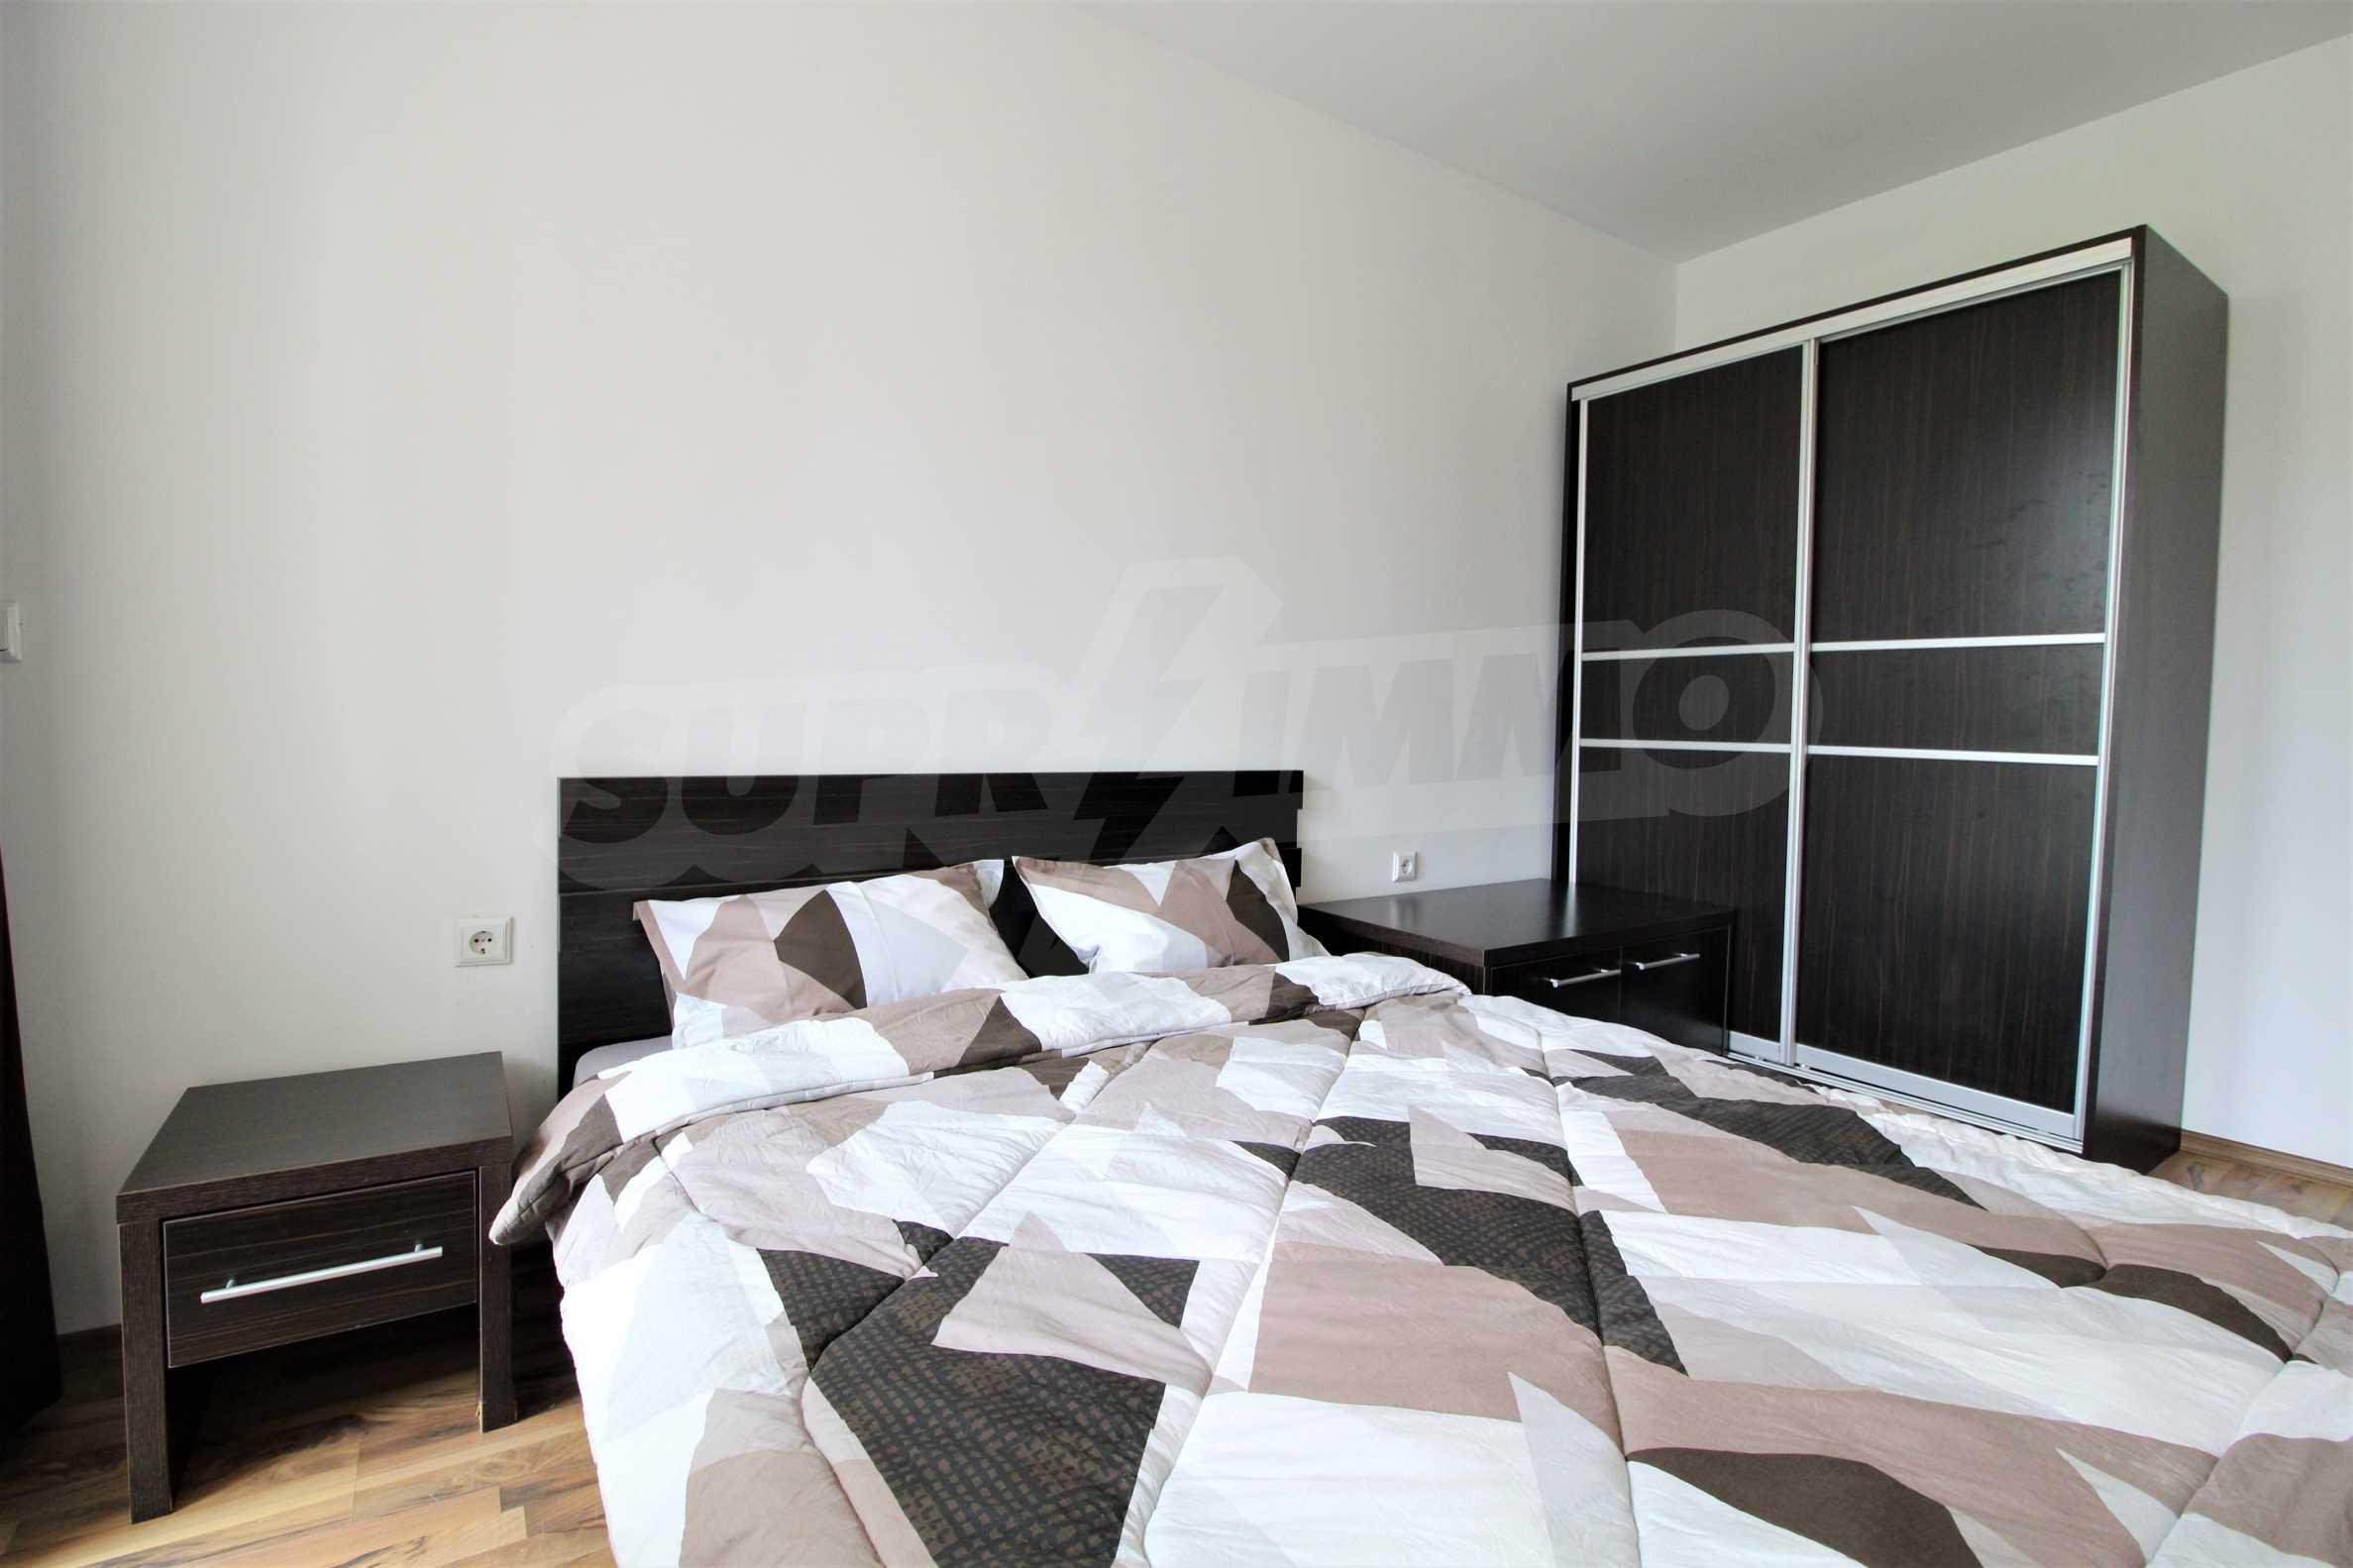 Обзаведен двустаен апартамент, разположен в СПА комплекс Мария Антоанета, само на метри от ски лифта в Банско 13